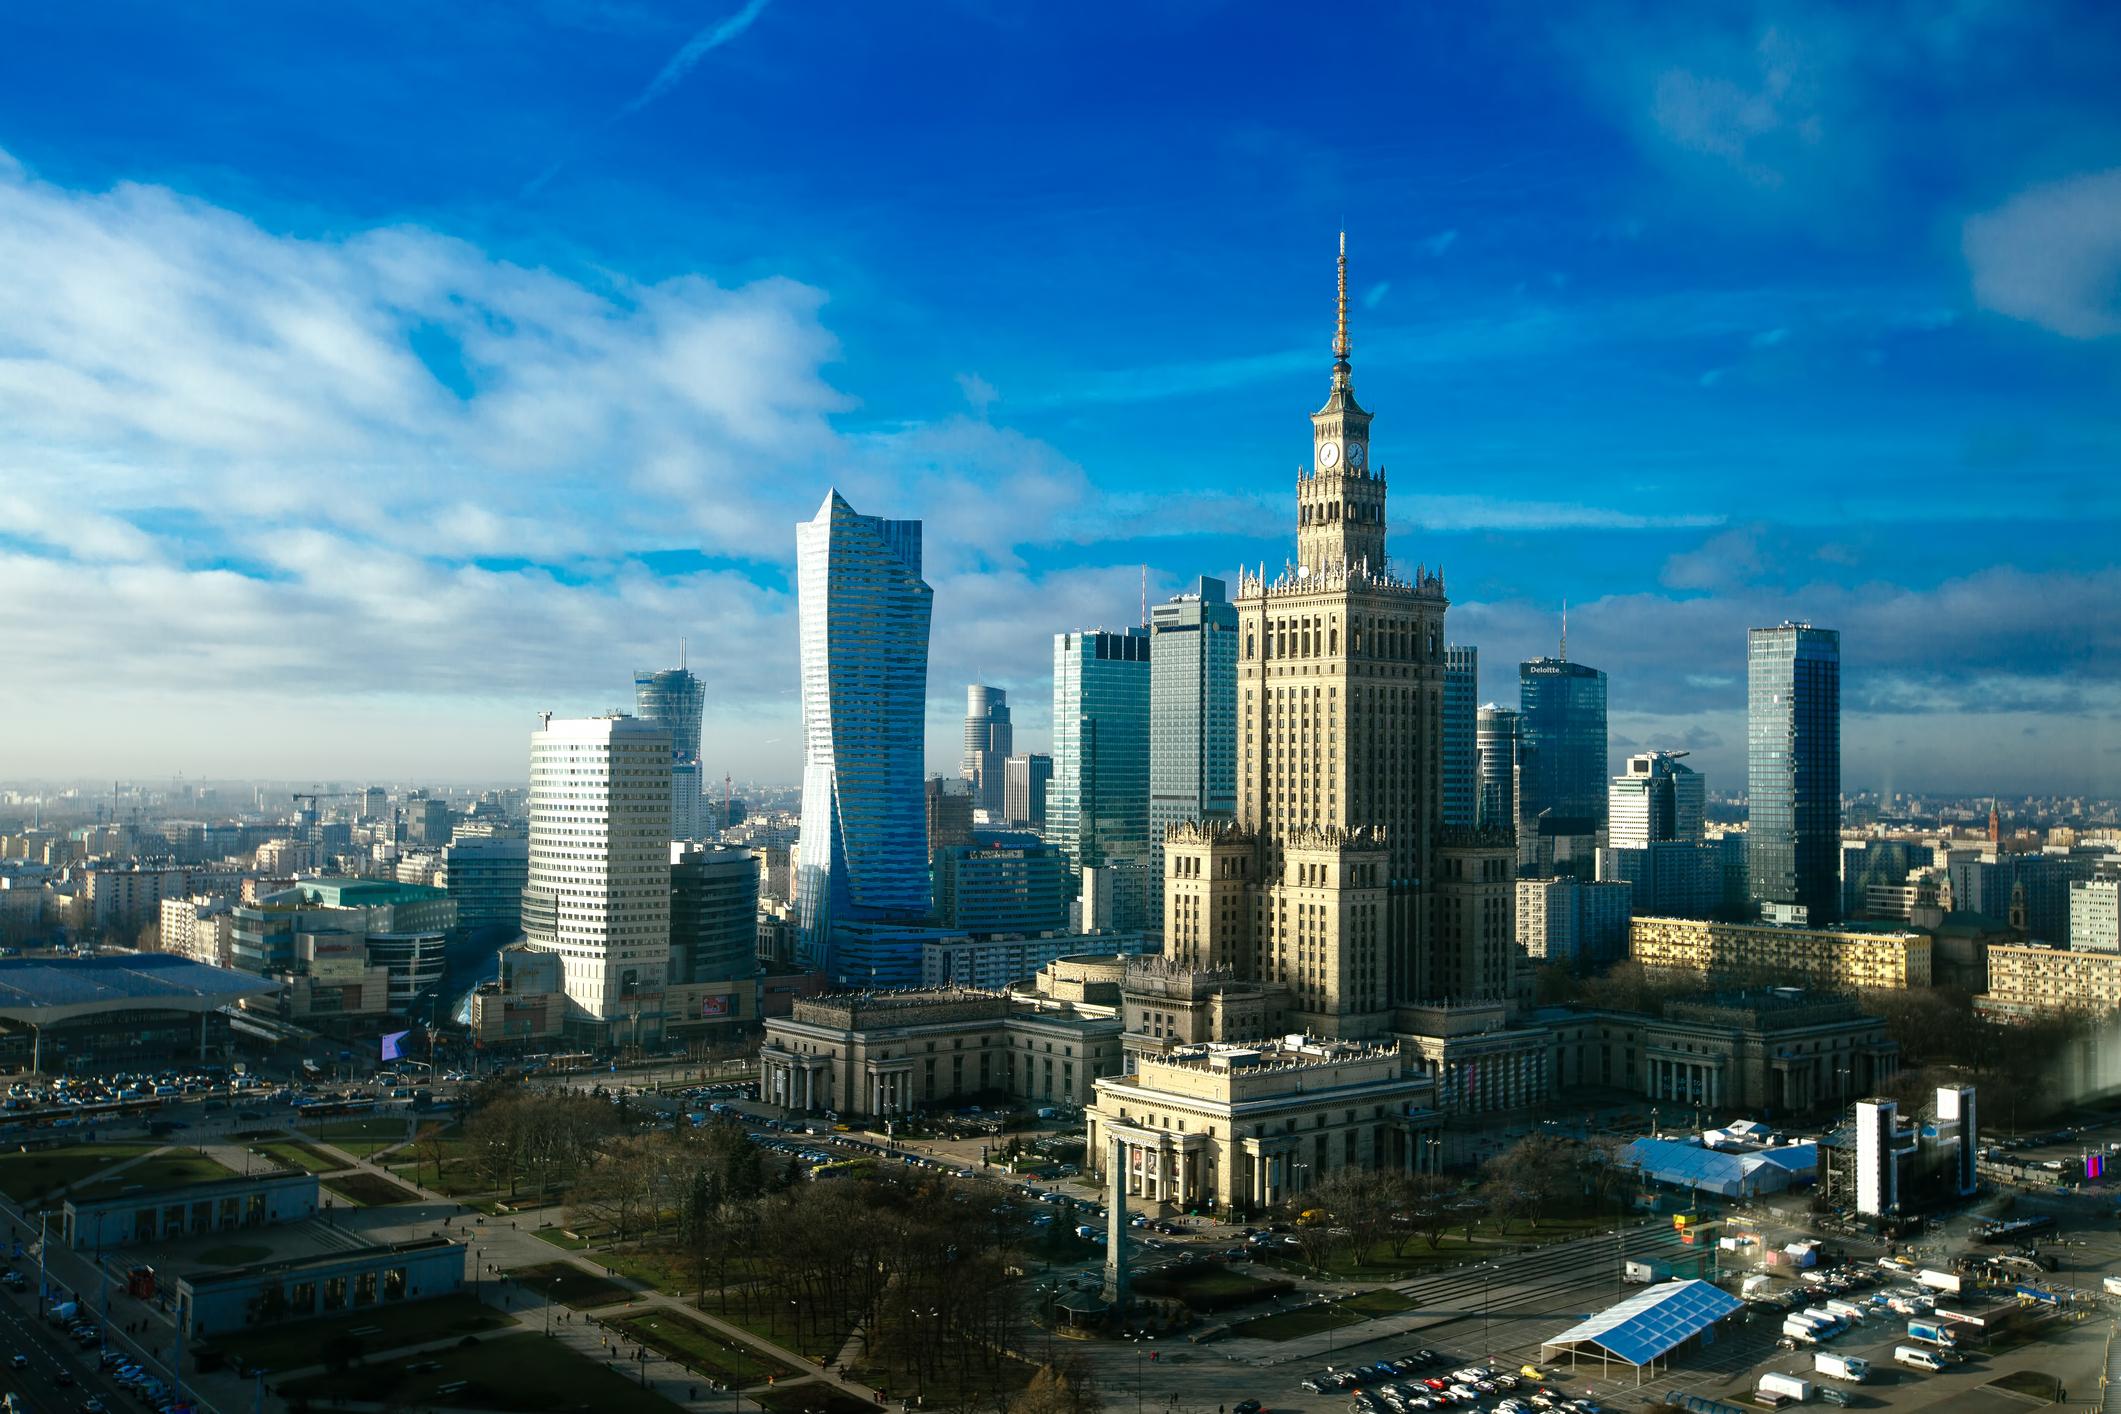 Puolan Pääkaupunki